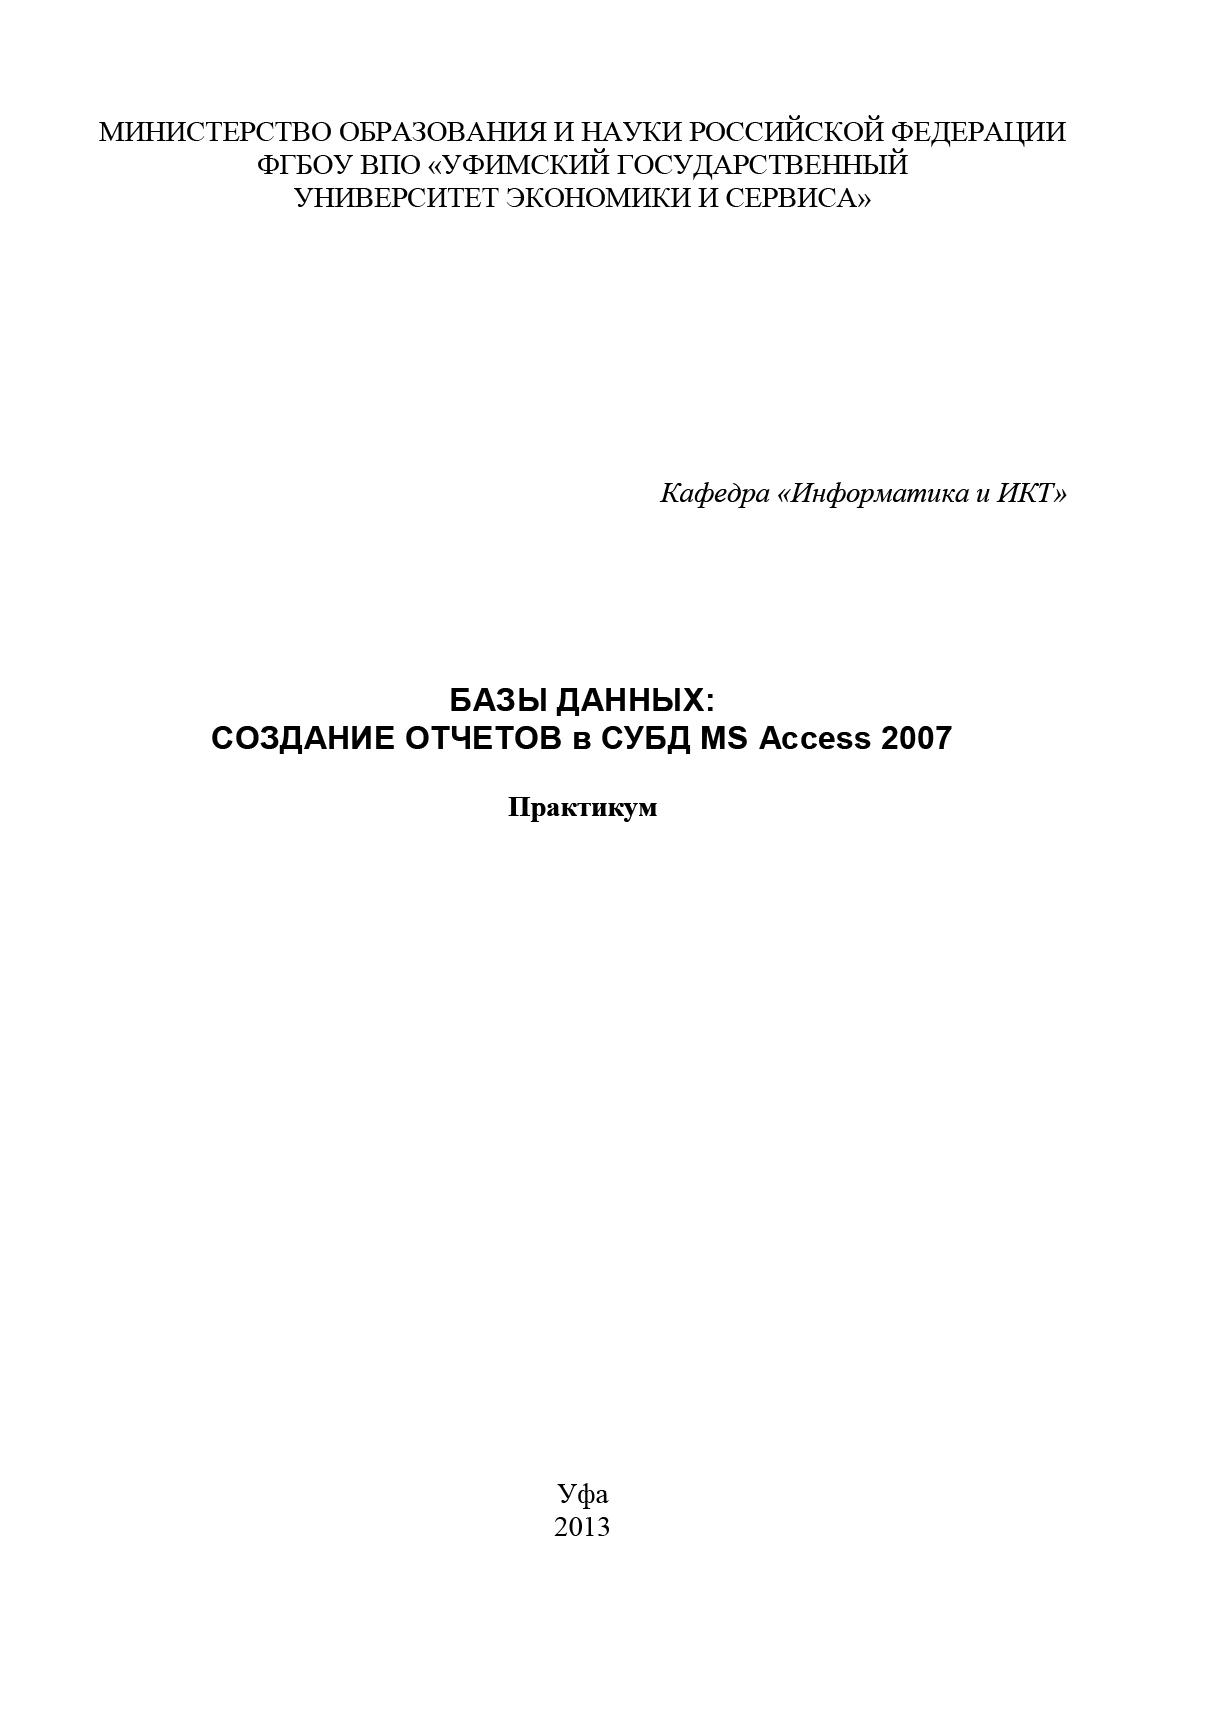 Базы данных: Создание отчетов в СУБД MS Access 2007